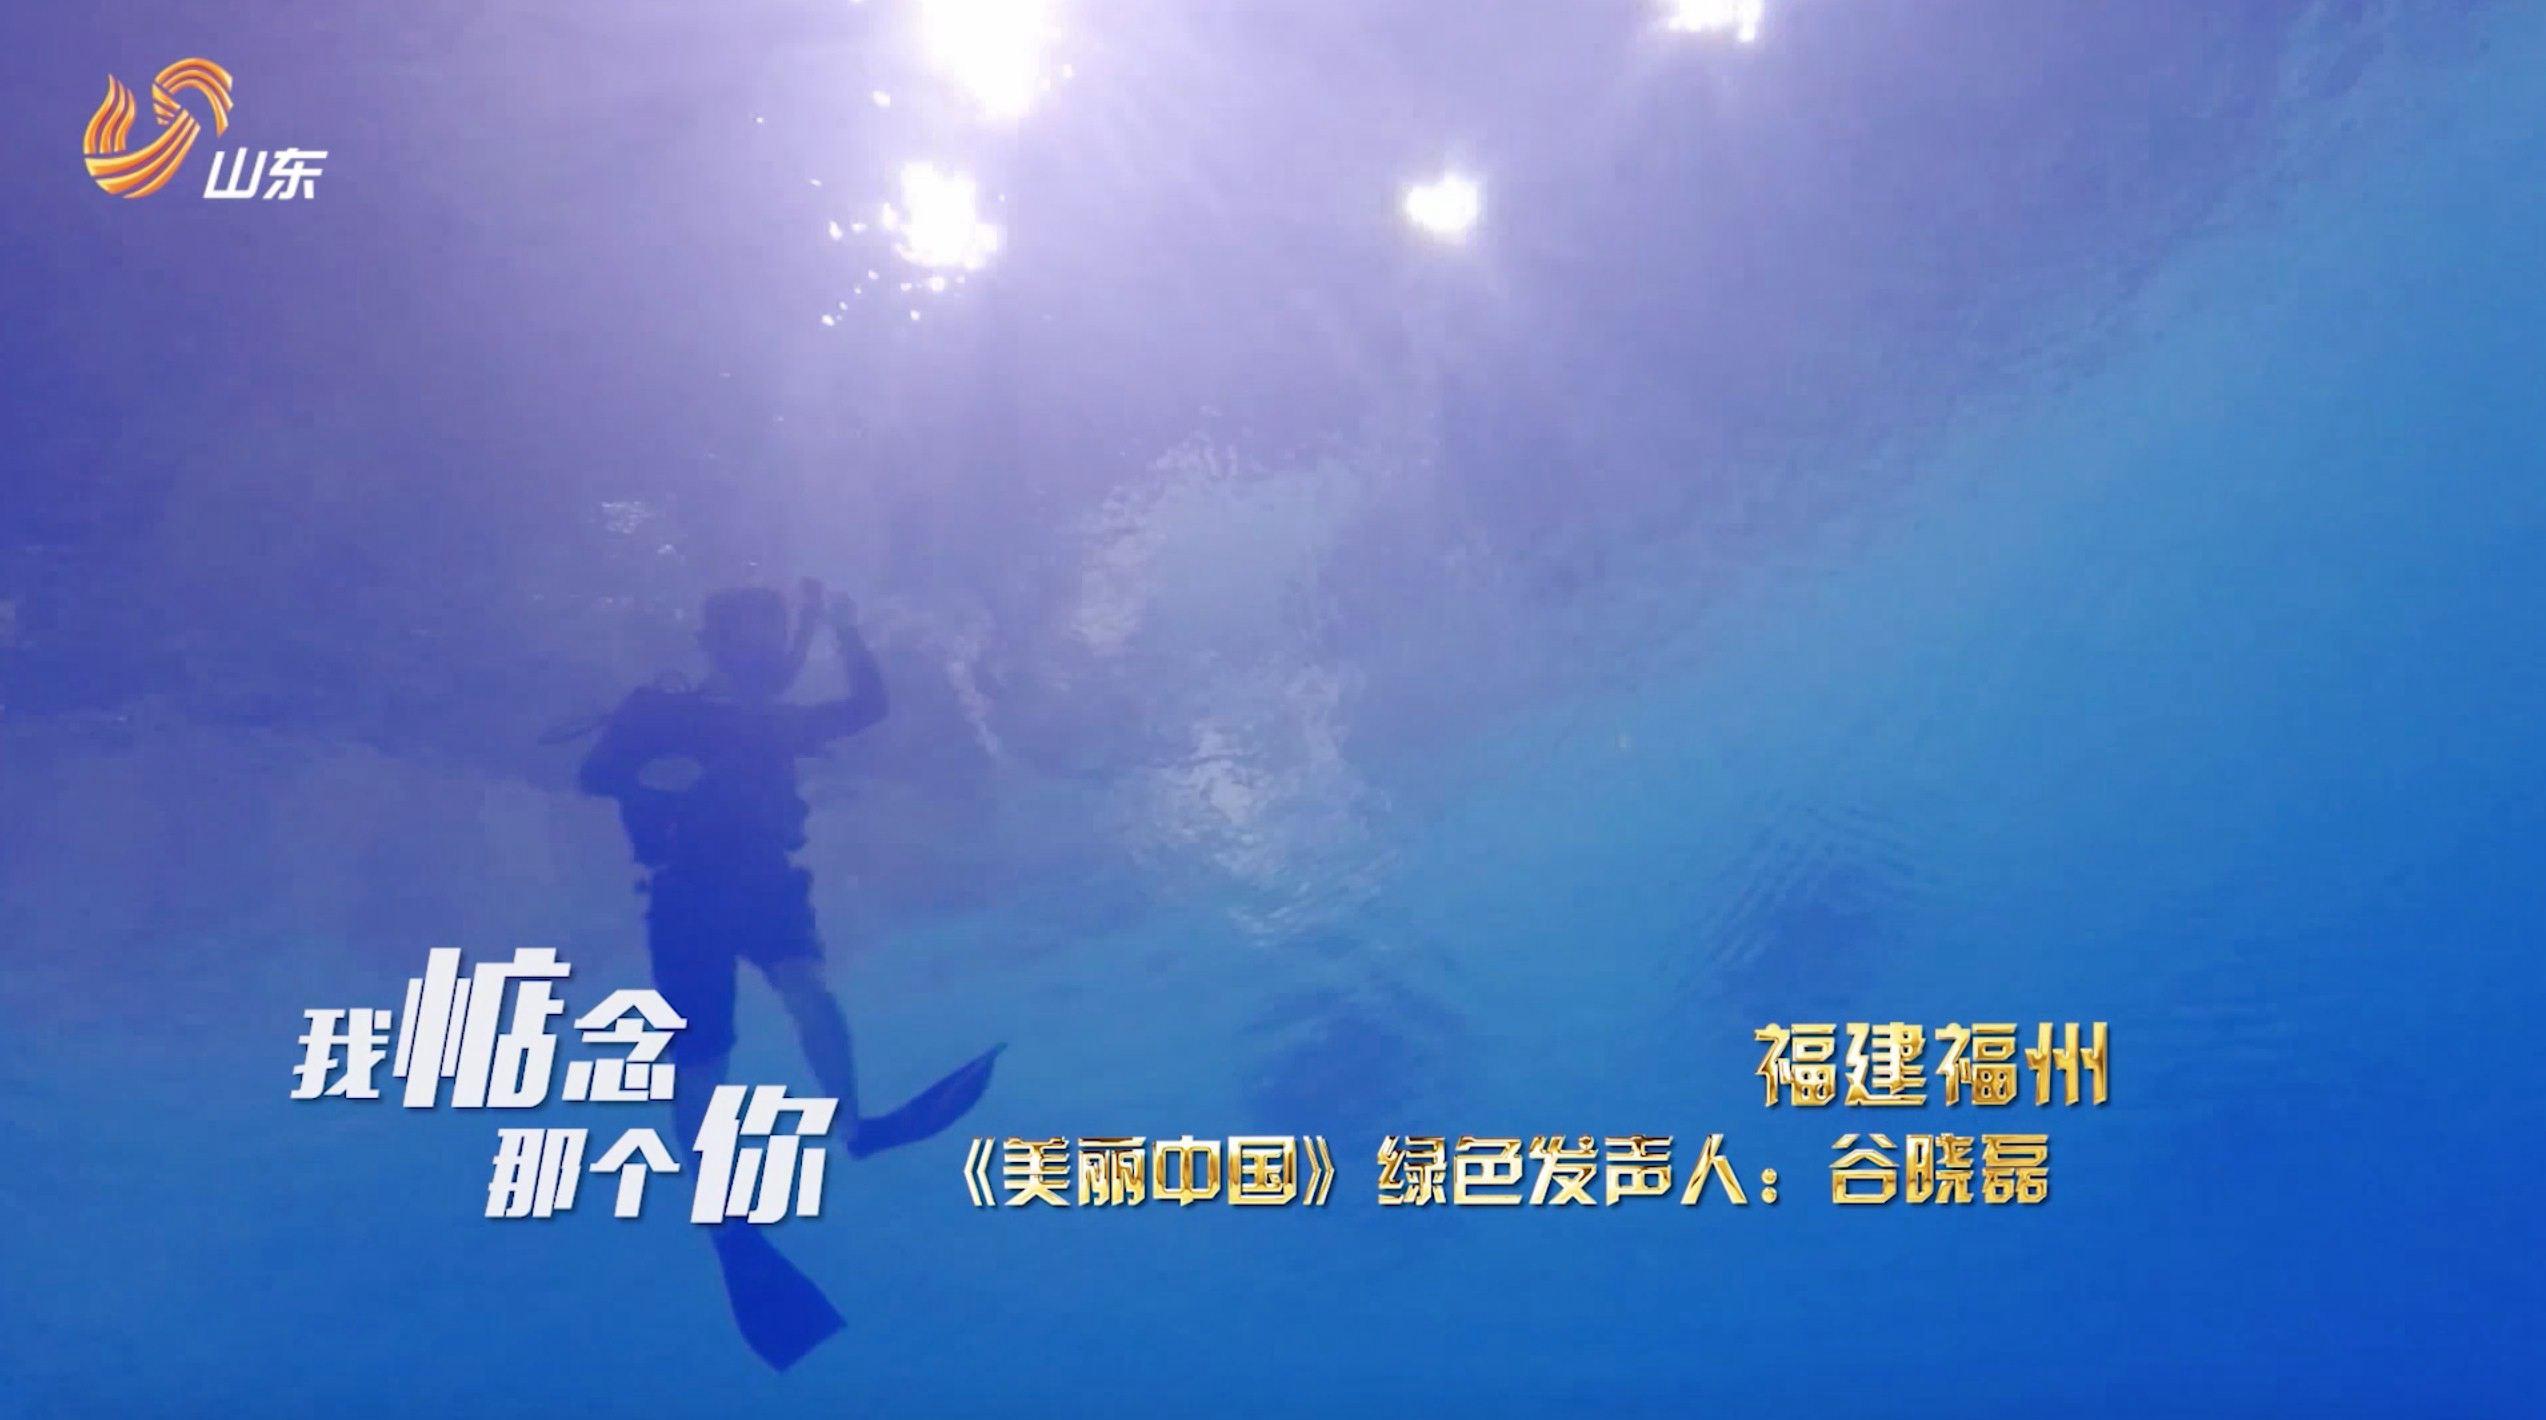 《美丽中国我爱你》MV精美画面截选3.jpg